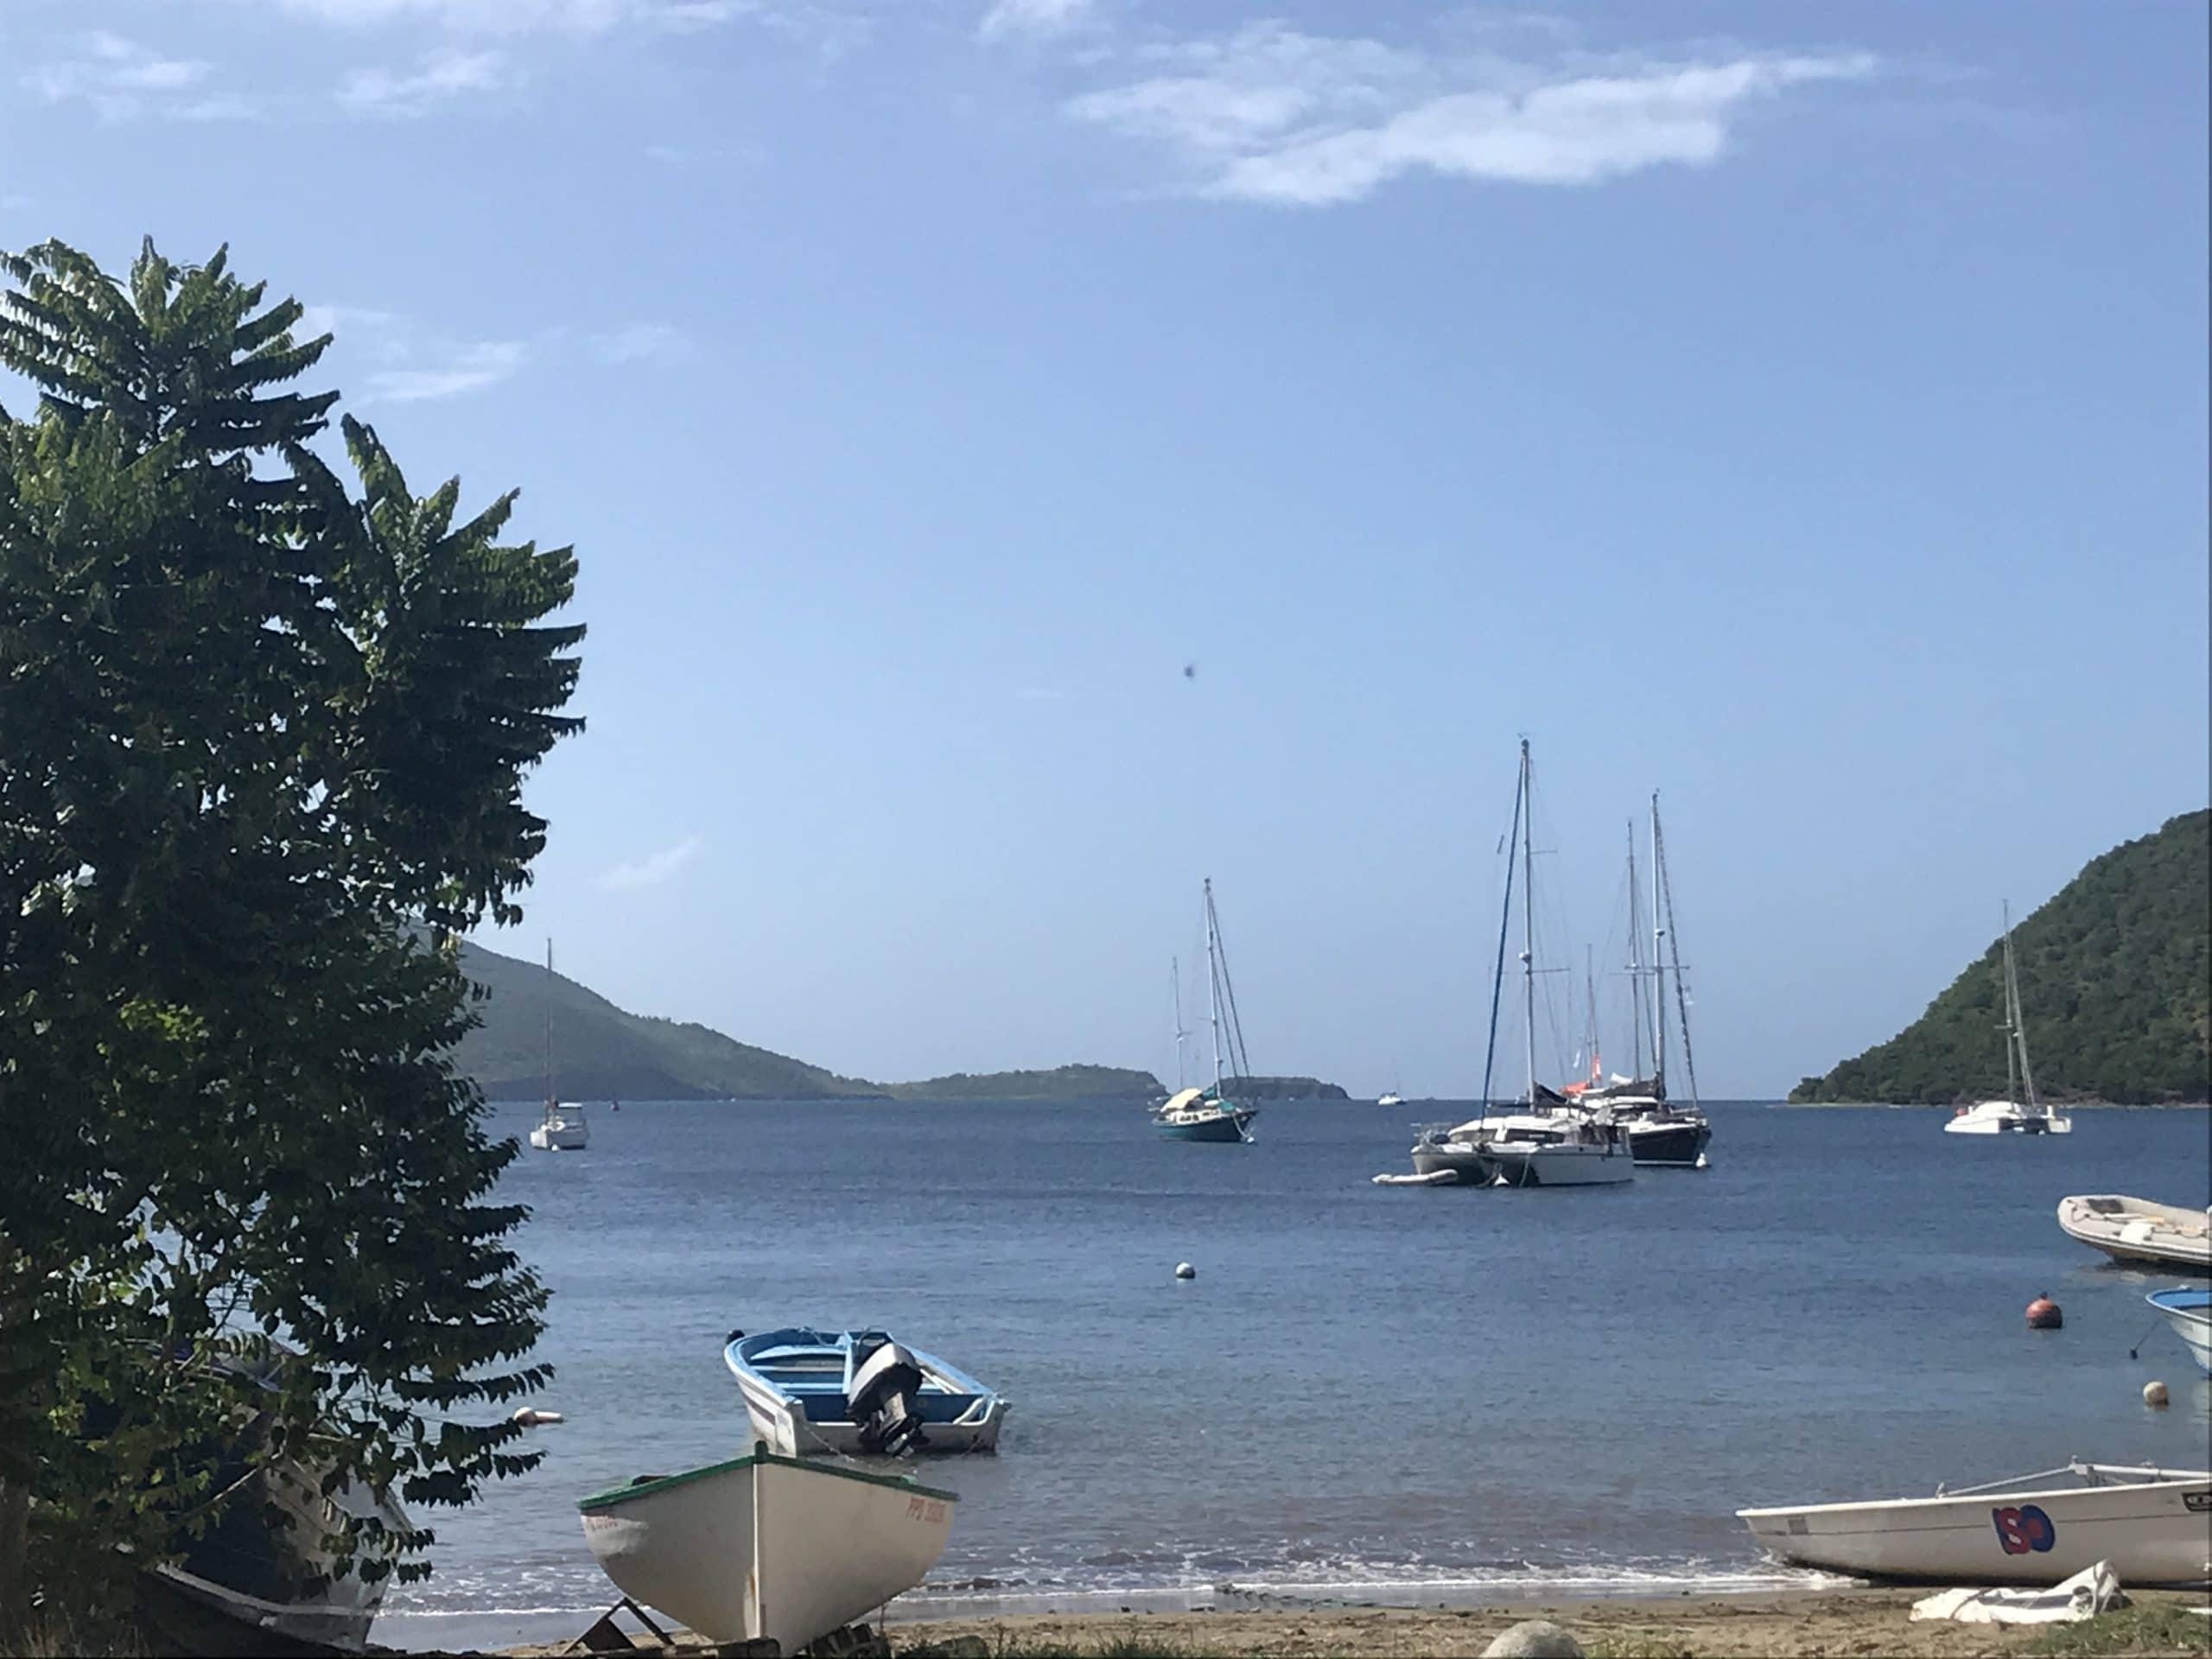 Croisière en voilier caraïbes (Martinique, Les grenadines, Saintes Lucie, Marie Galante...) de 7 à 10 jours pour 4 à 6 personnes - Voilemed